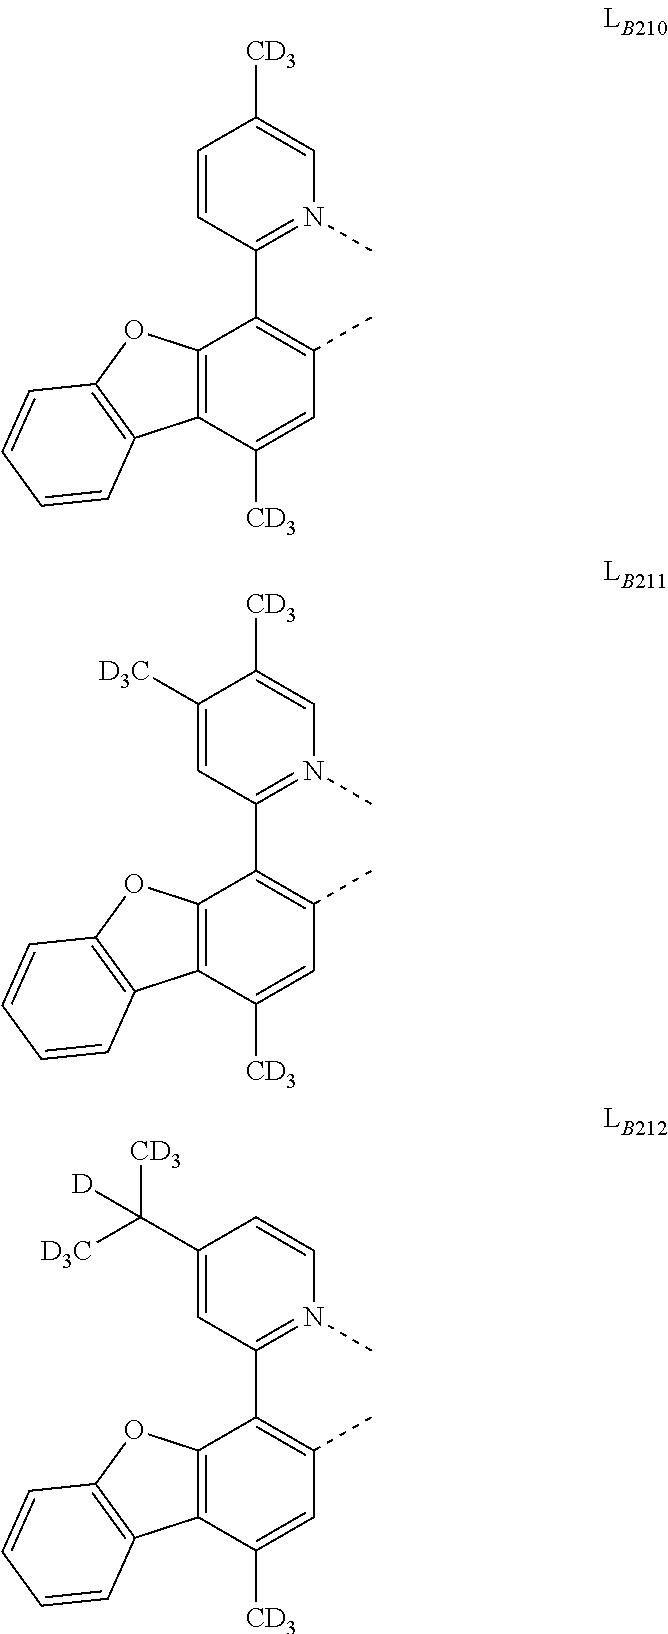 Figure US20180130962A1-20180510-C00302